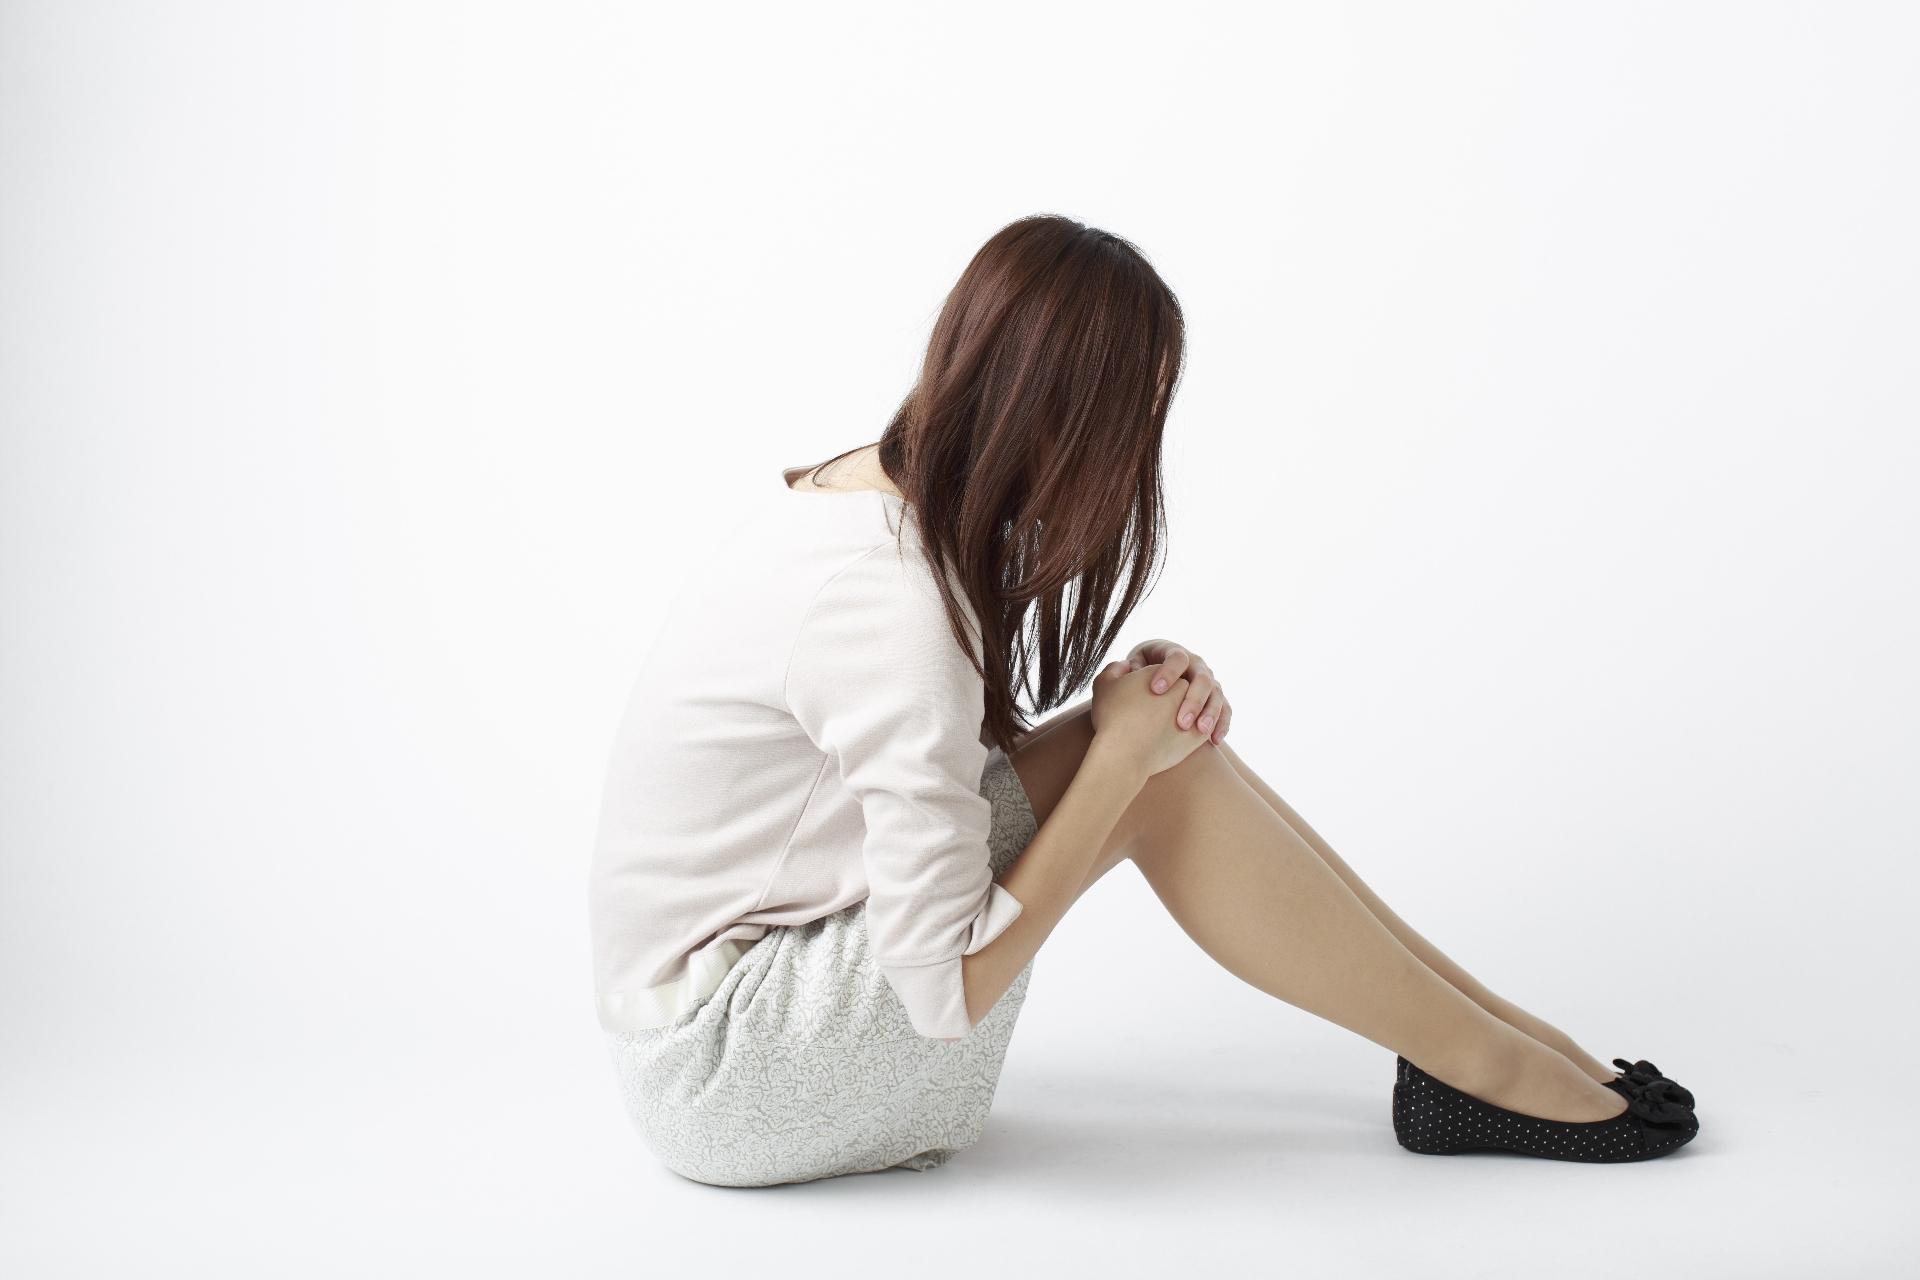 簡単にできる膝上の部分痩せの方法